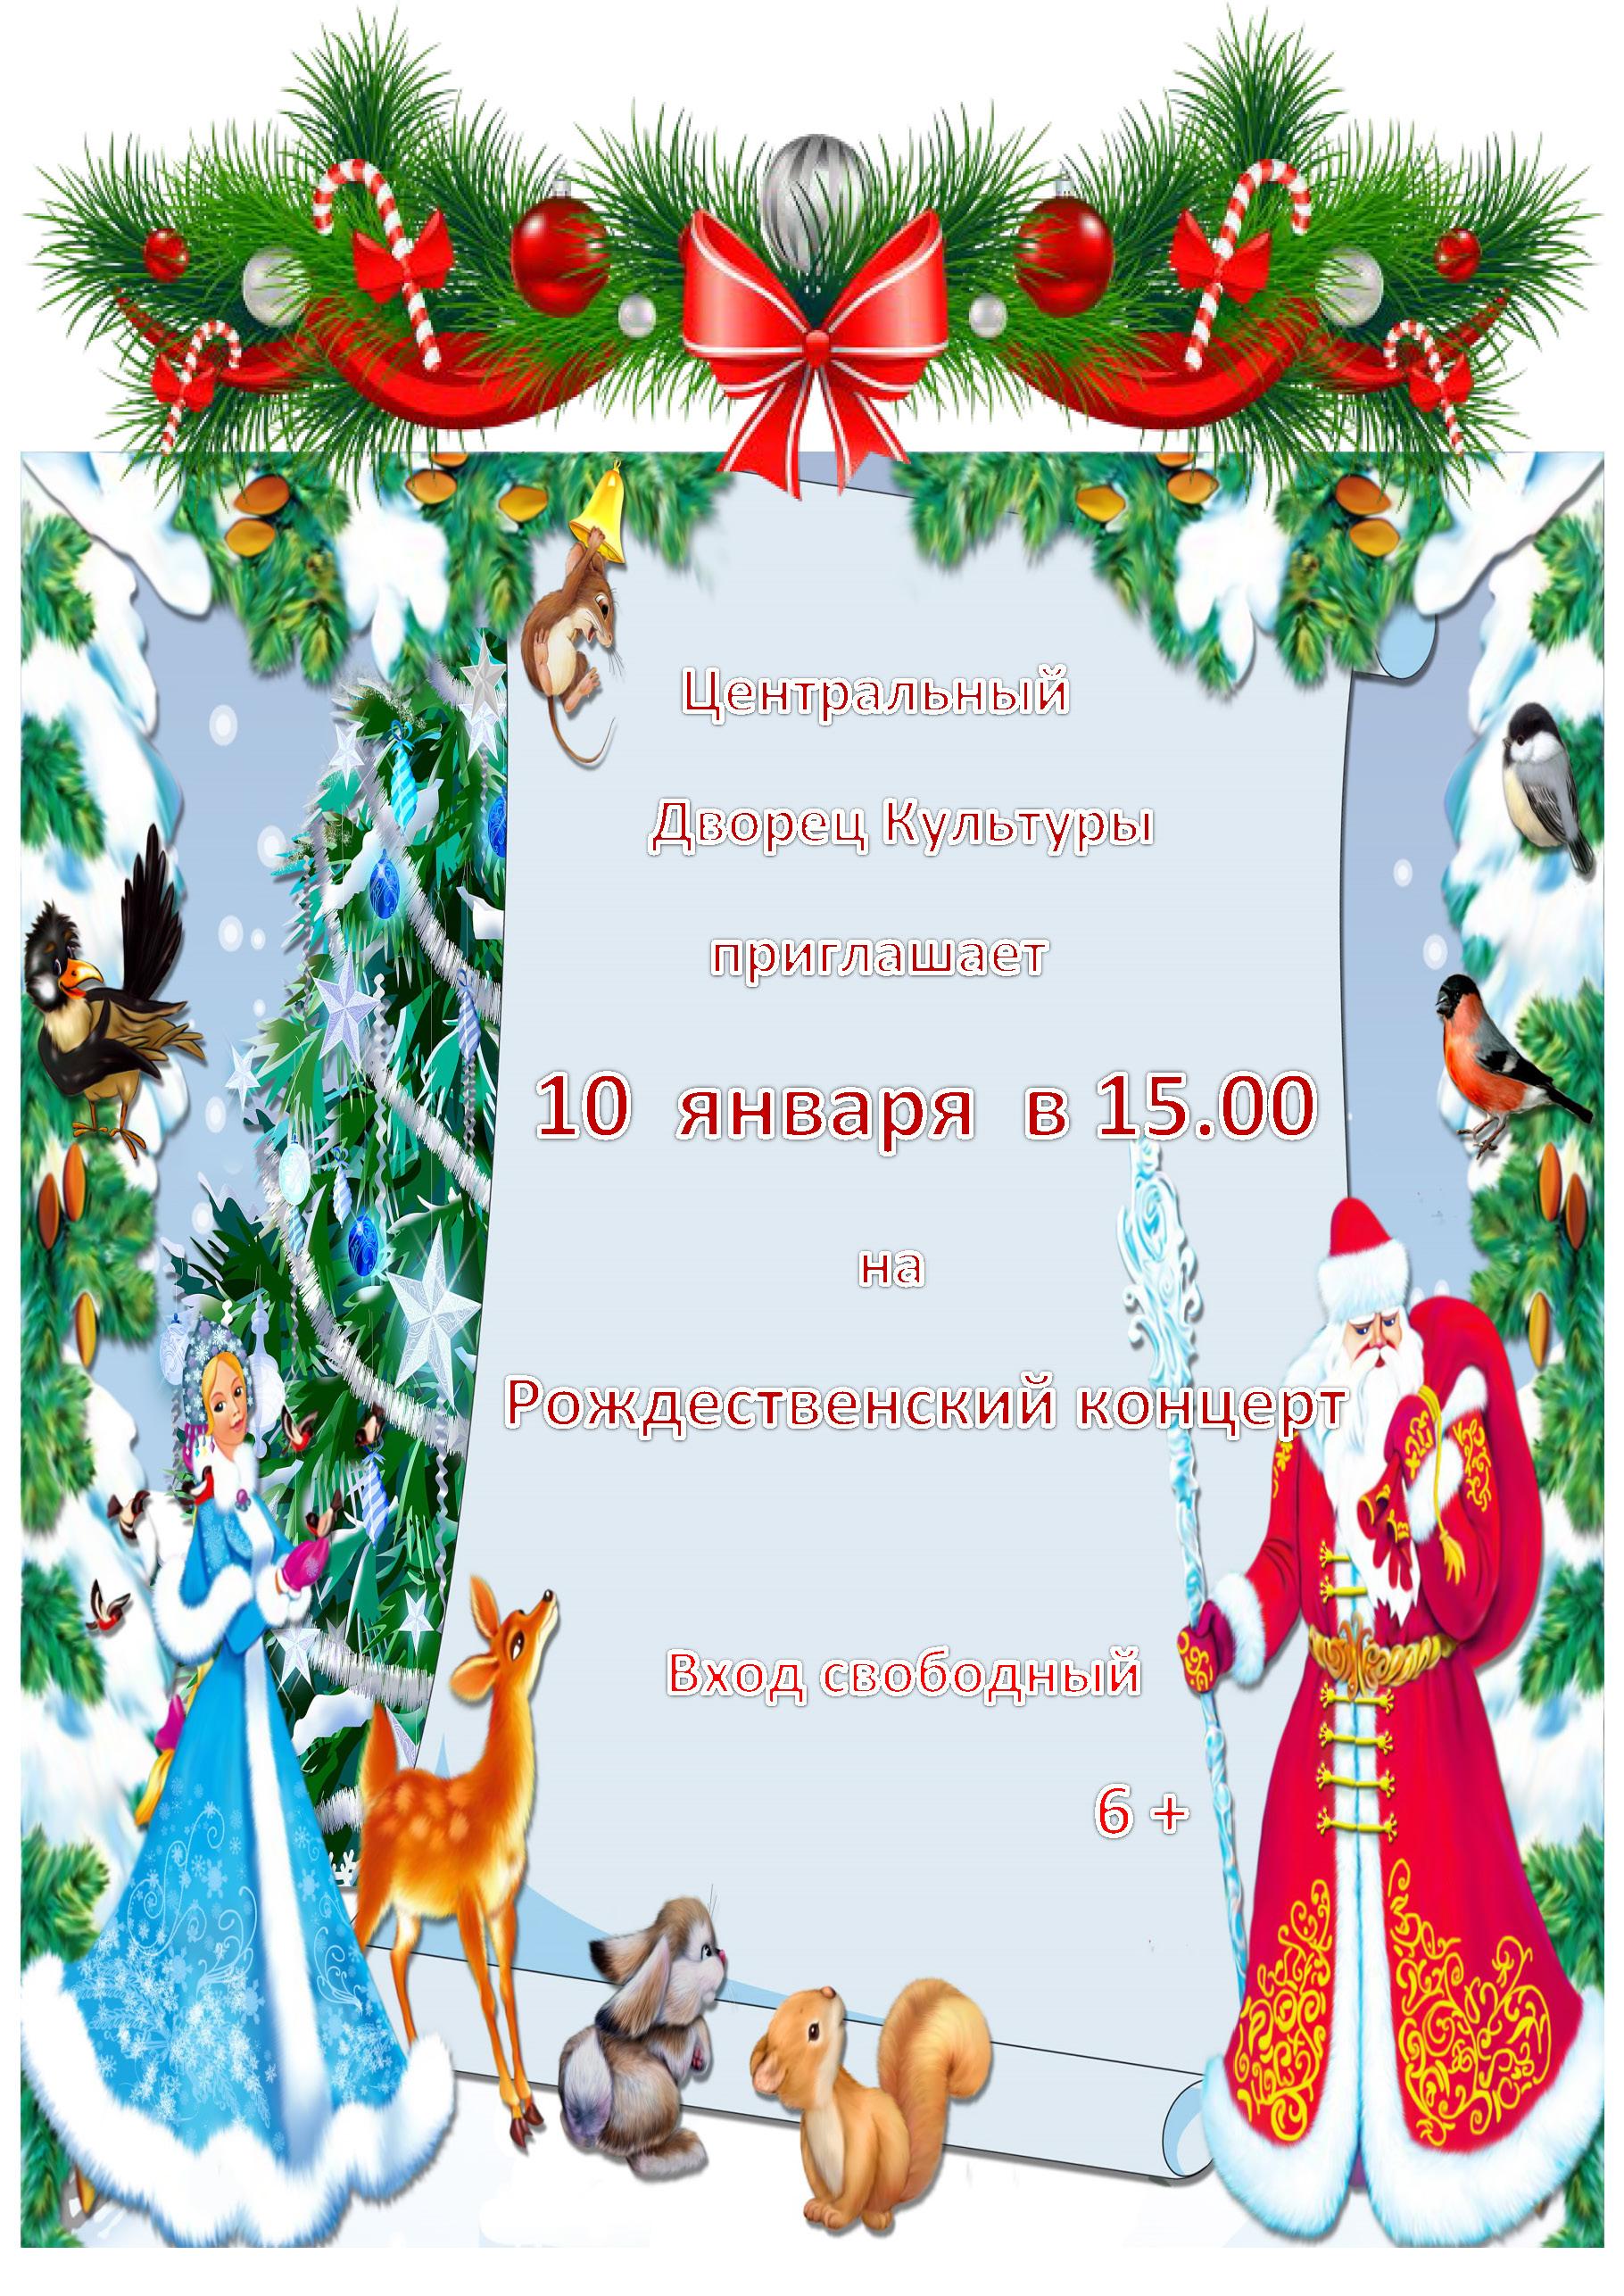 Рожд_Концерт